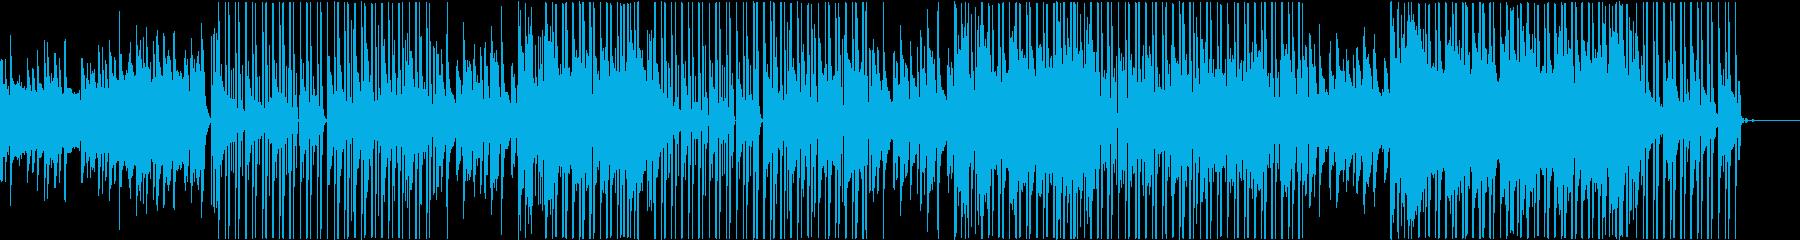 pianoの旋律が心地よいバラードの再生済みの波形